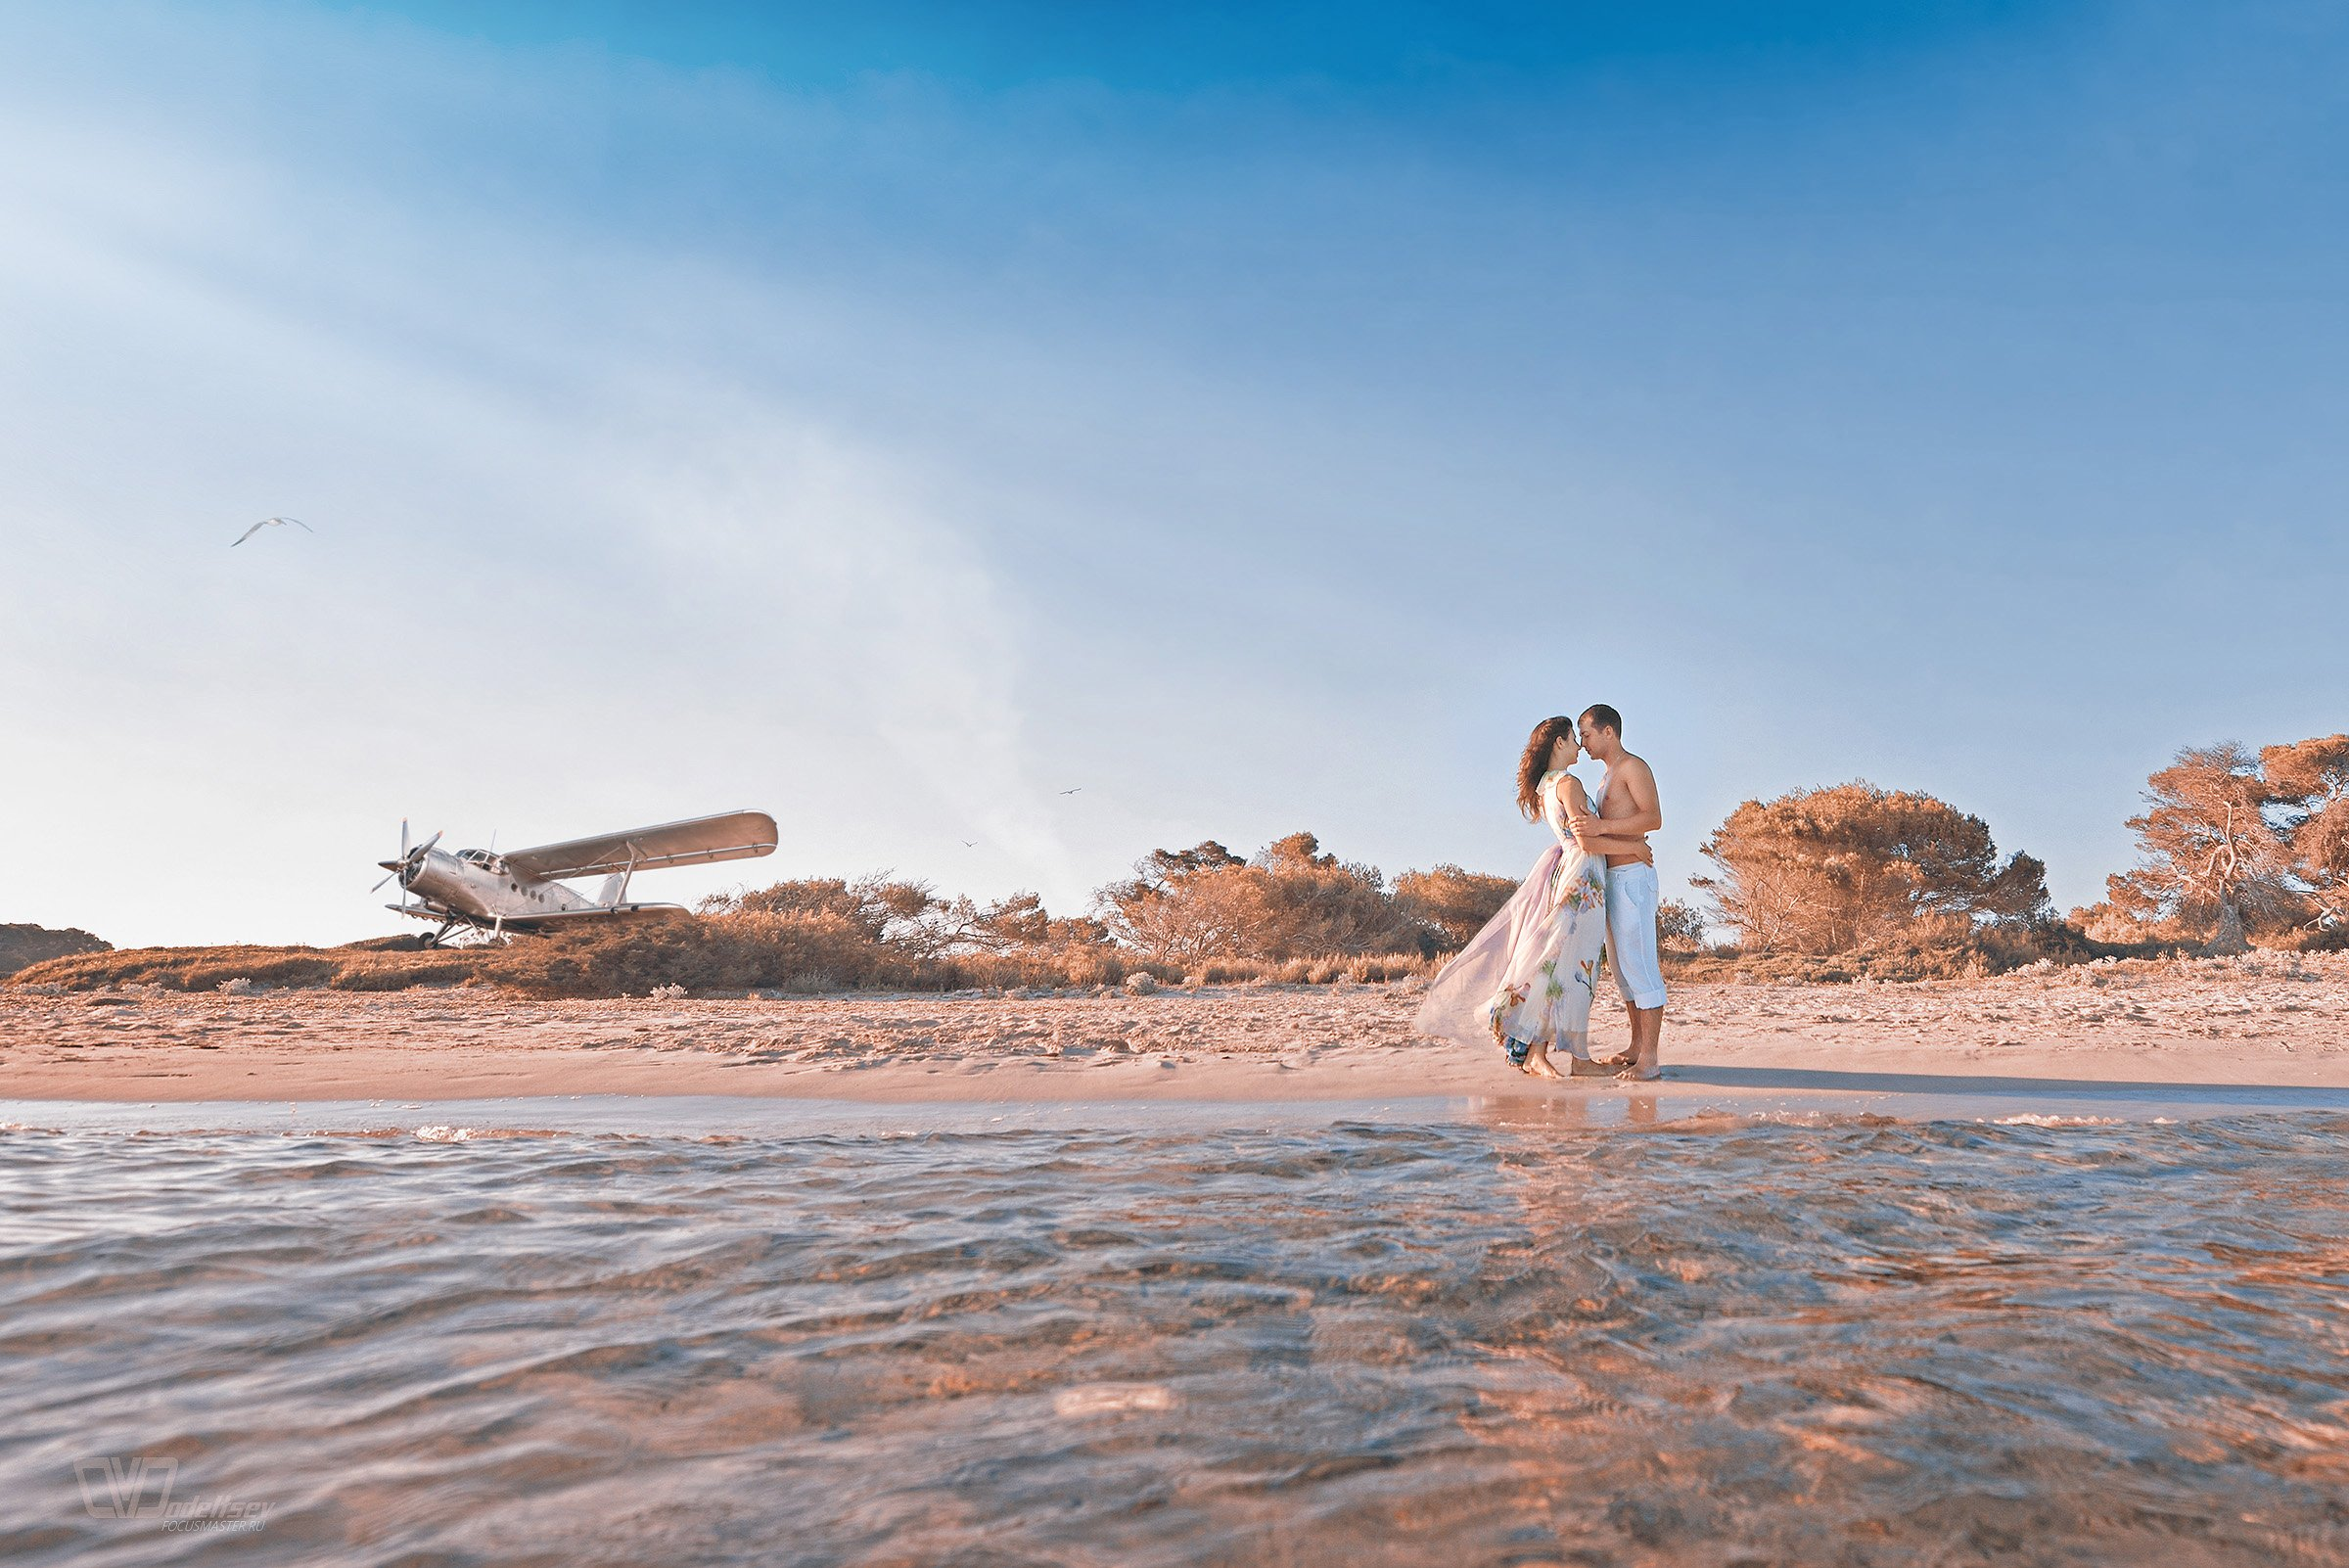 берег, море, двое, пара, парень, девушка, влюбленные, самолет, небо, Дмитрий Додельцев